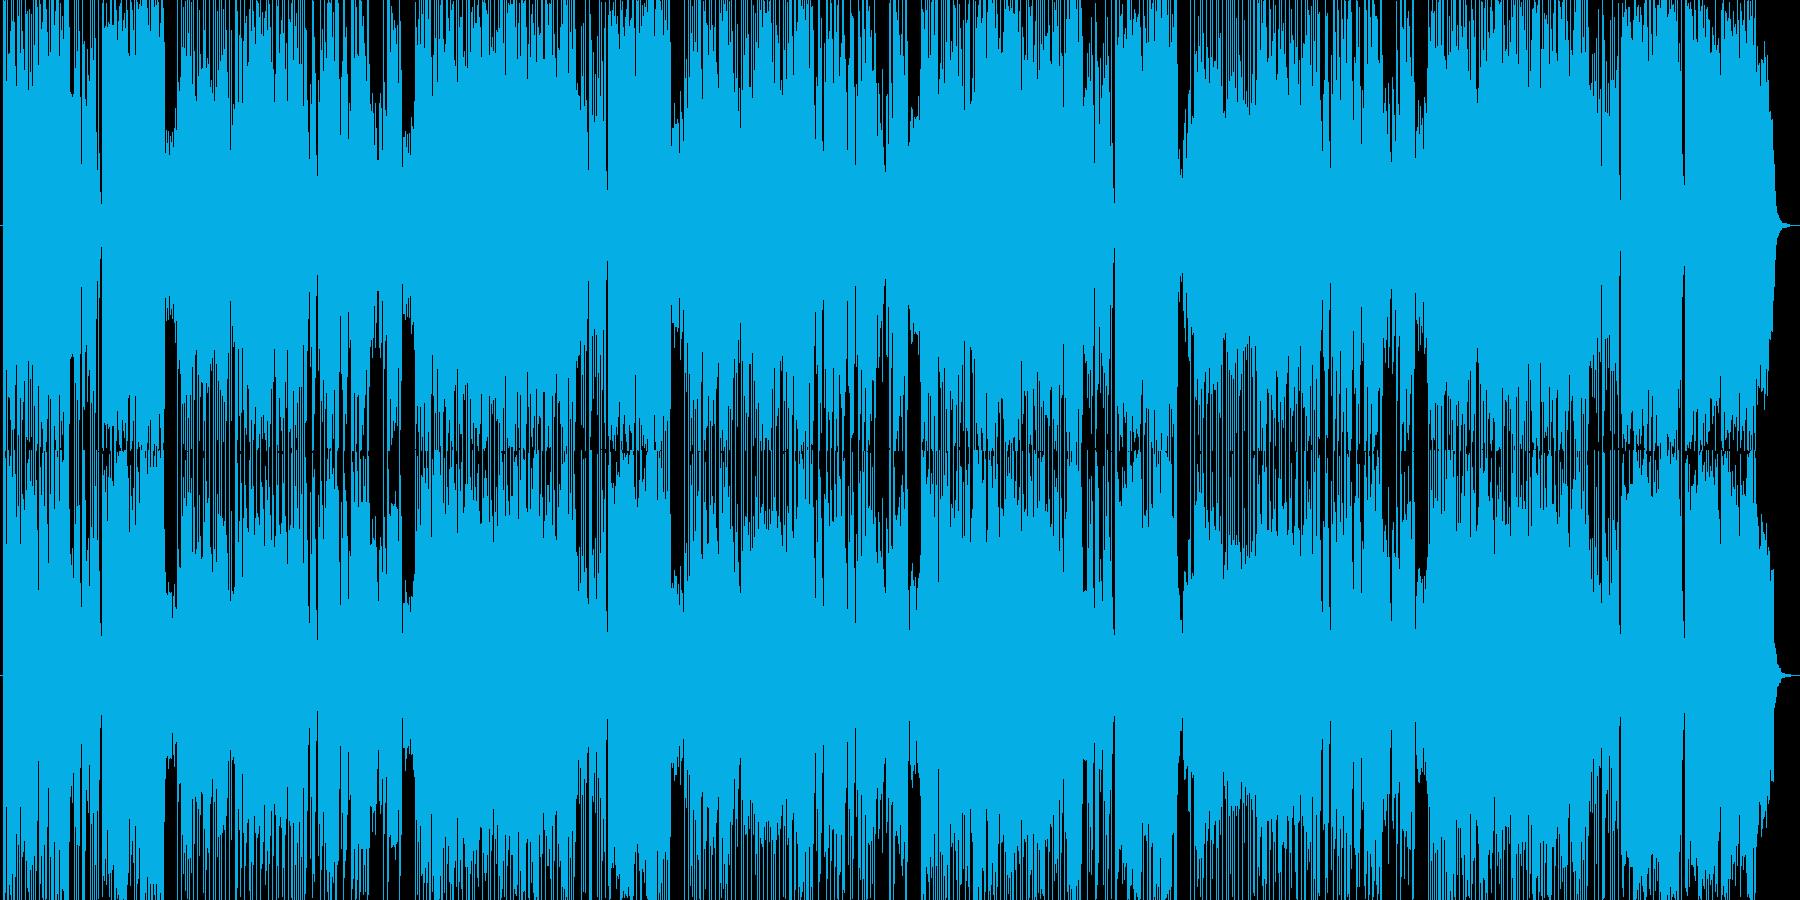 ほのぼの軽快な演歌風の楽曲の再生済みの波形